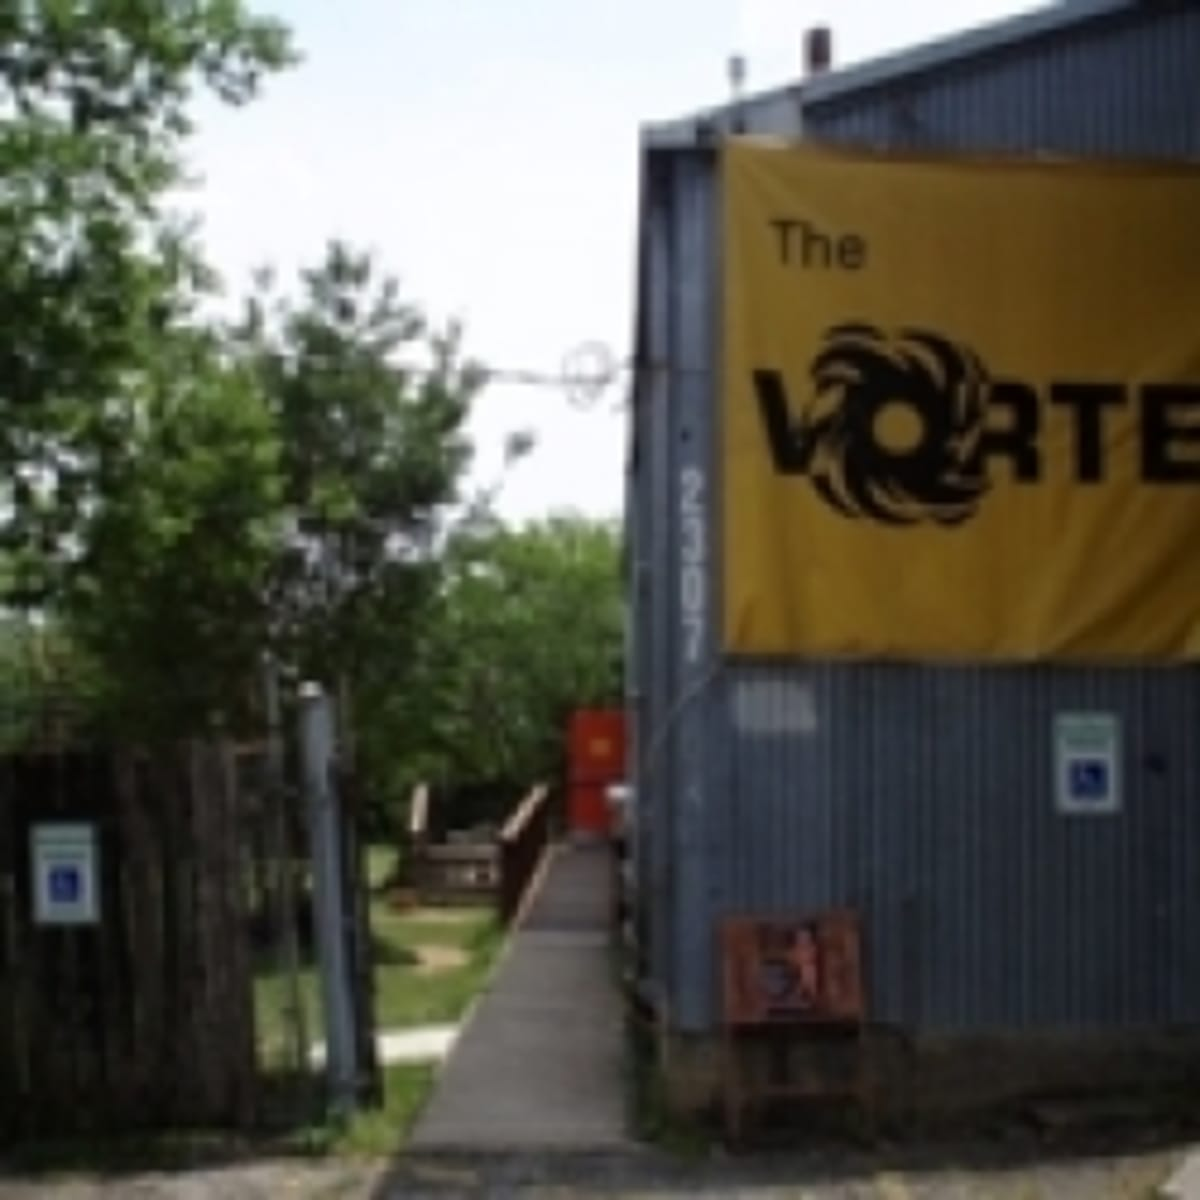 Austin Photo: Places_Arts_The_Vortex_Exterior